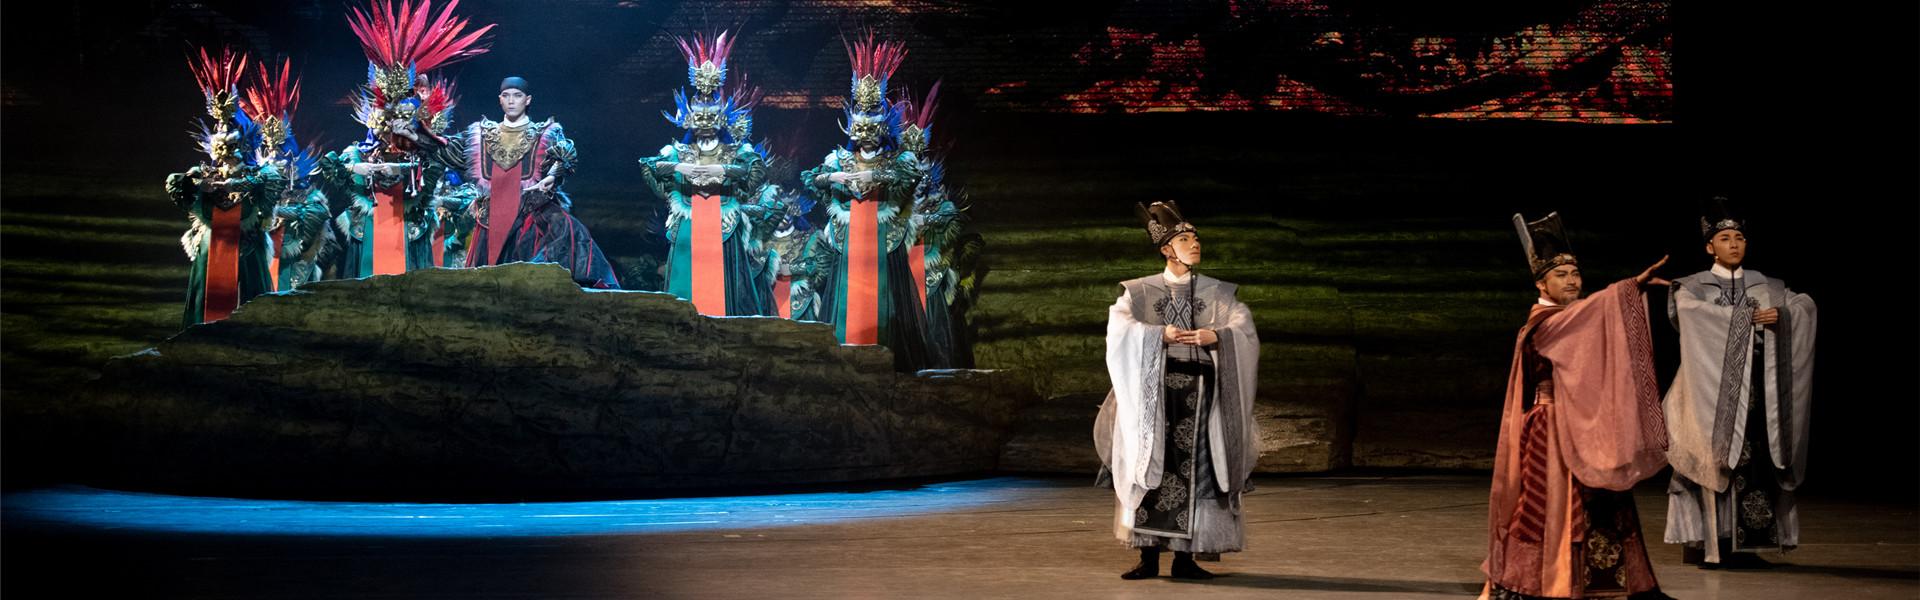 Original drama highlights history of Datong